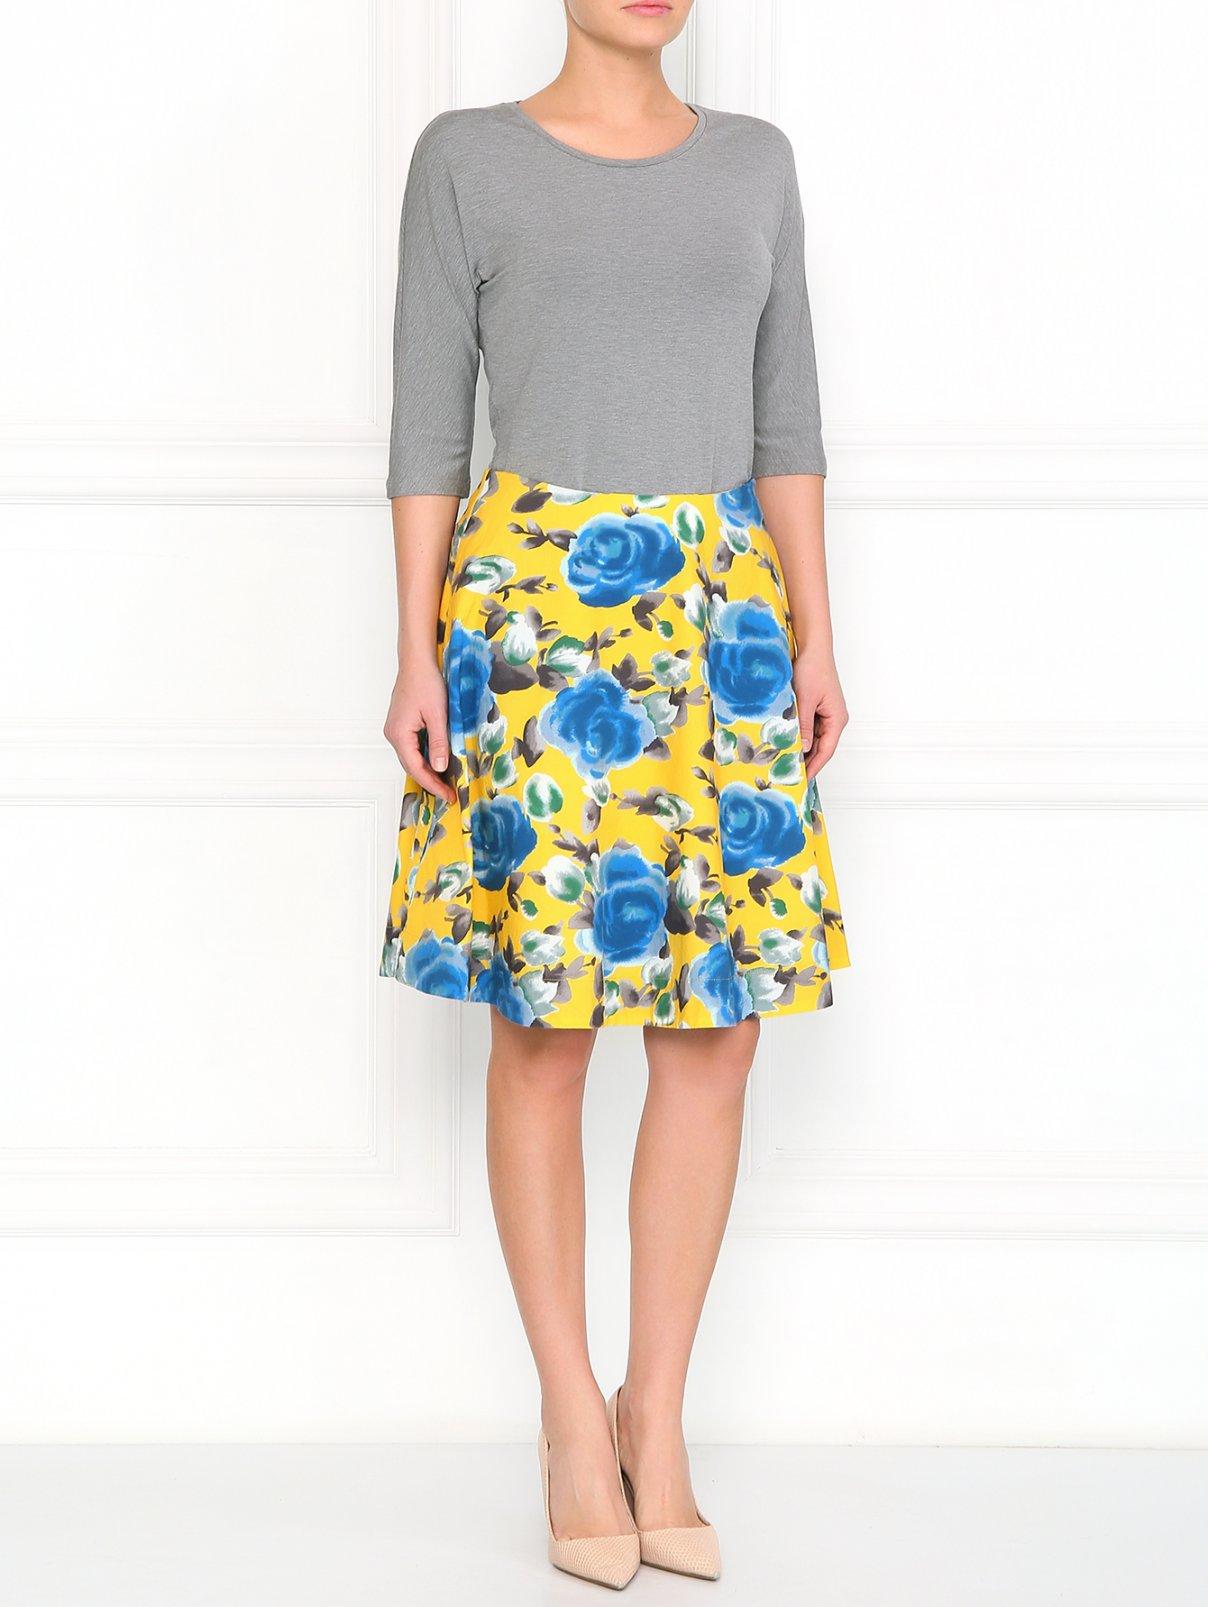 Юбка из хлопка с цветочным узором Marc by Marc Jacobs  –  Модель Общий вид  – Цвет:  Желтый